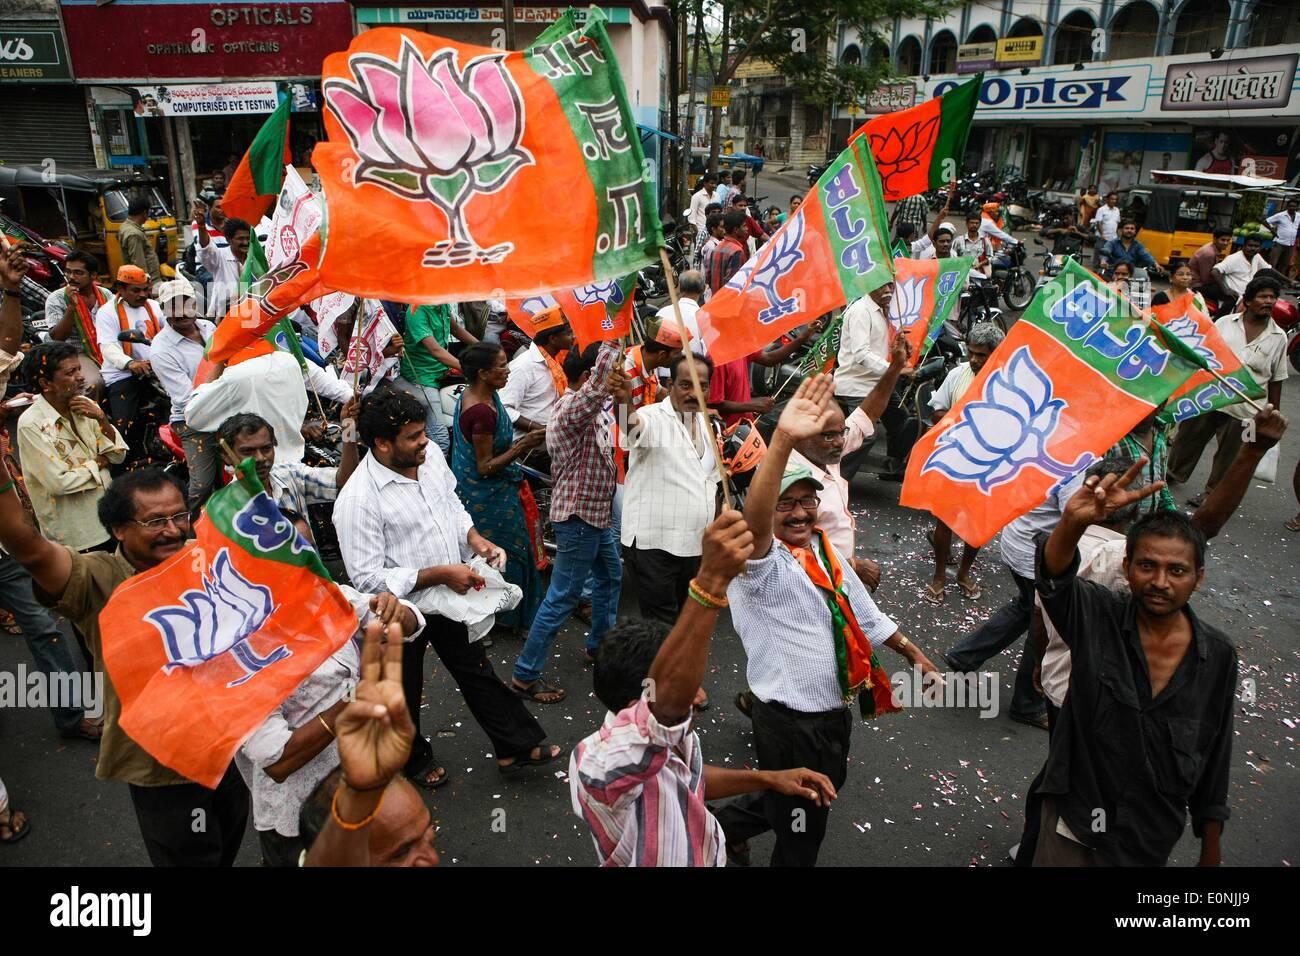 (140517) -- Visakhapatnam, 17 de mayo de 2014 (Xinhua) -- Los partidarios de la India la principal oposición del Partido Bharatiya Janata (BJP) celebran durante un desfile de Andra Pradesh en Visakhapatnam, India, 17 de mayo de 2014. El BJP Viernes creado historia al ganar las elecciones generales por un alud, el más resonante victoria por cualquiera de las partes en los últimos 30 años, diezmando la dinastía Nehru-Gandhi led del gobernante Partido del Congreso. (Xinhua/Zheng Huansong) Imagen De Stock